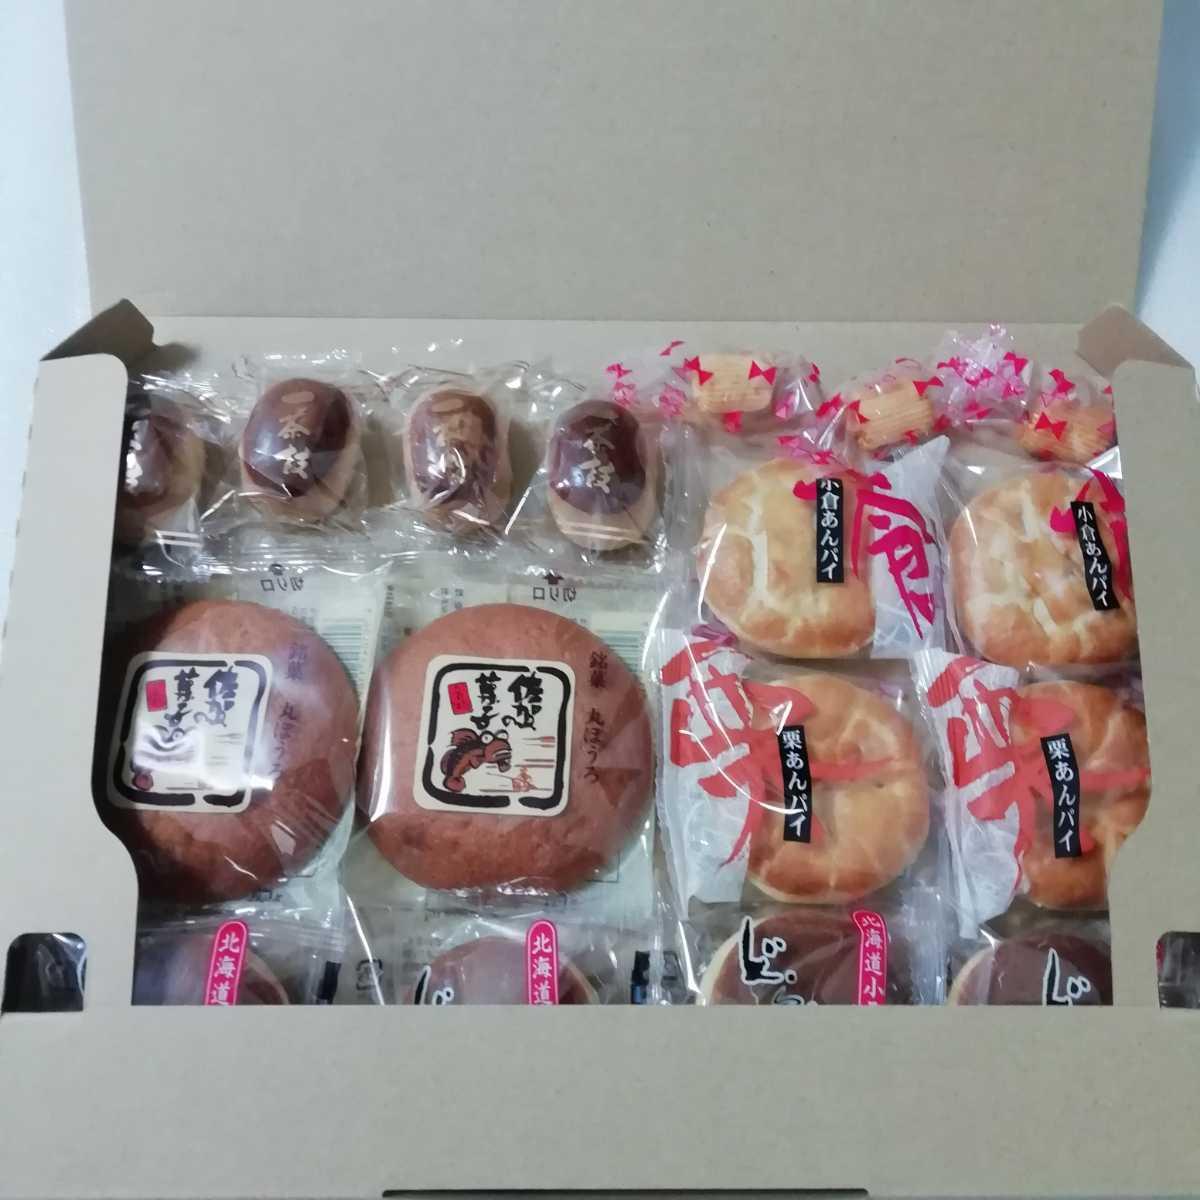 訳あり お菓子 詰め合わせ どら焼き 万頭 まんじゅう 饅頭 わけあり アウトレット 和菓子 送料無料